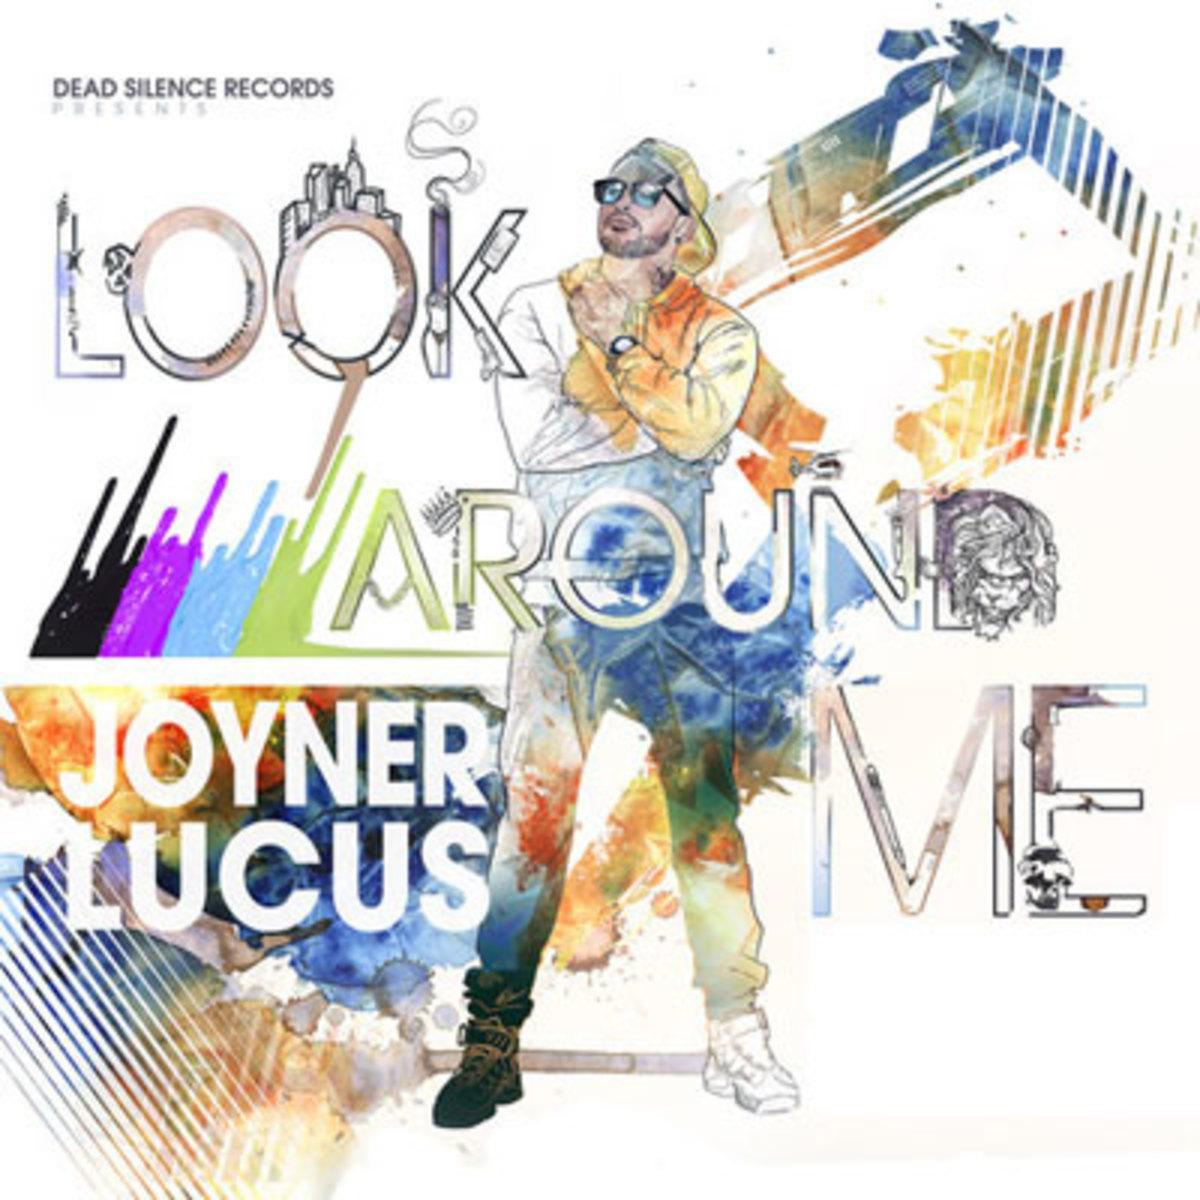 joynerlucas-lookaroundme.jpg